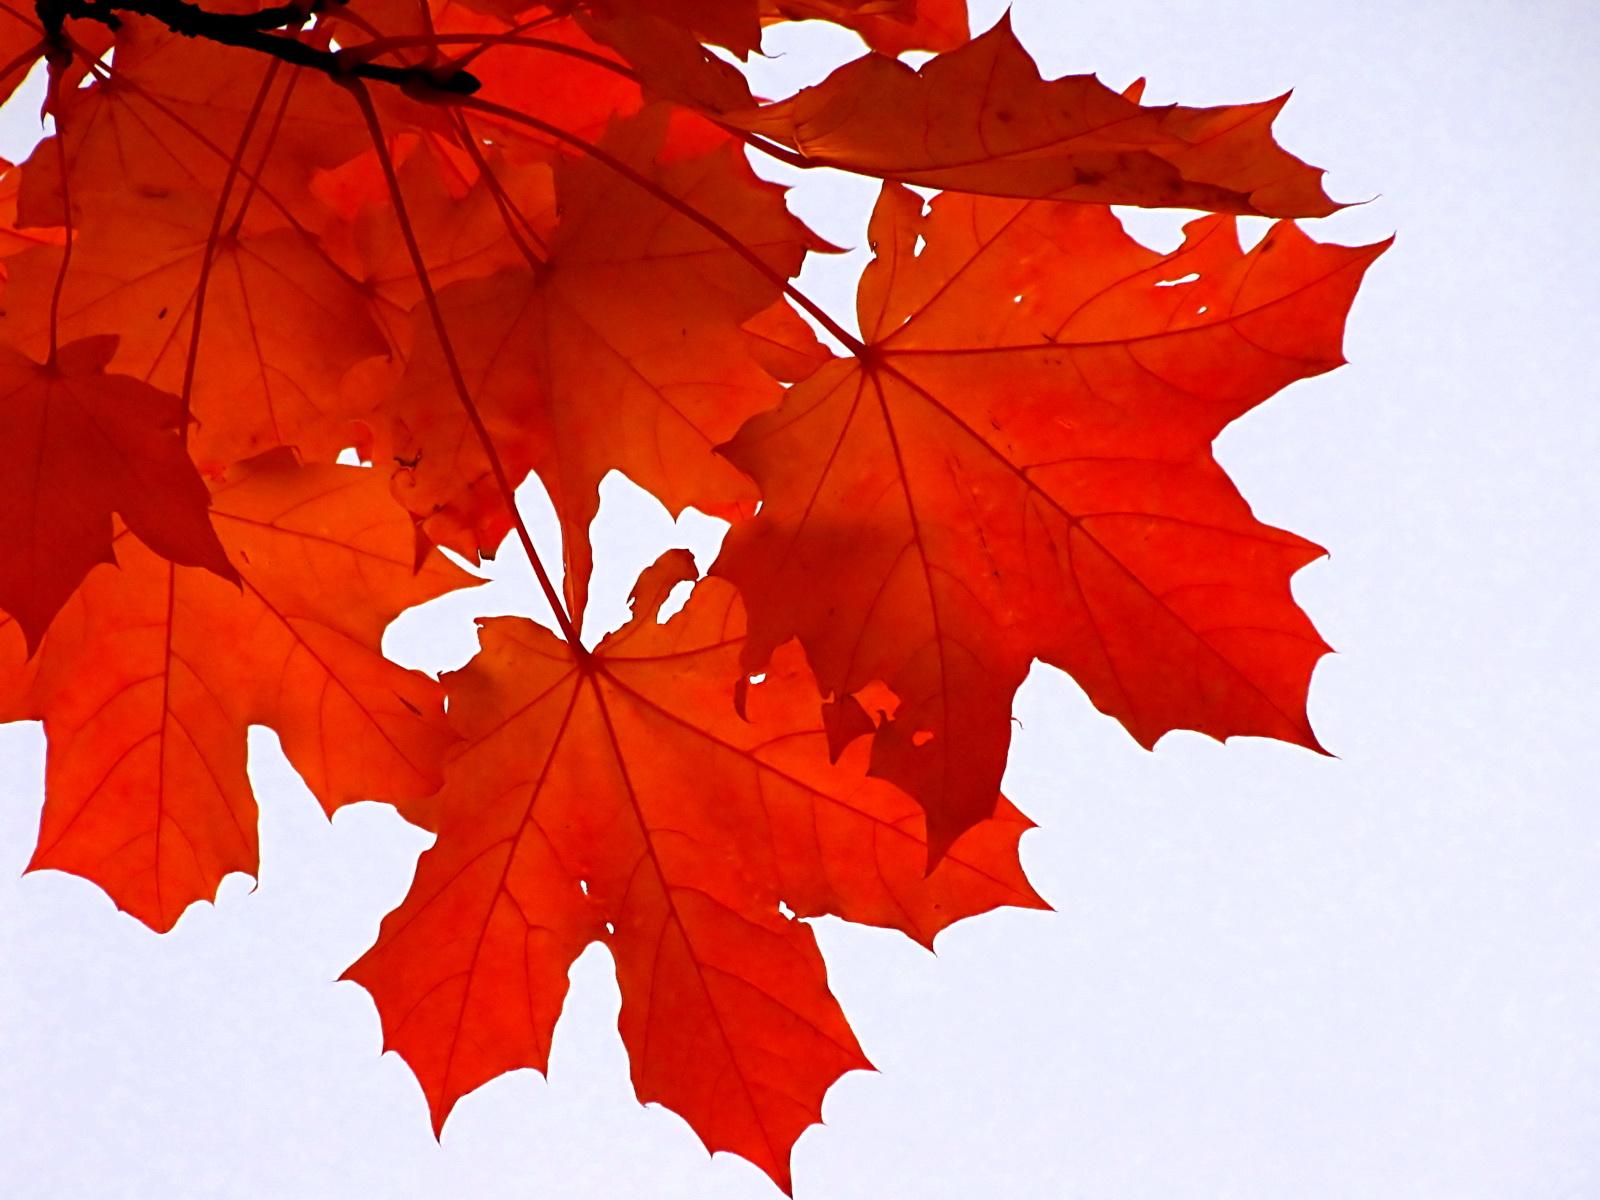 Фото листья деревьев клена крупным планом 5